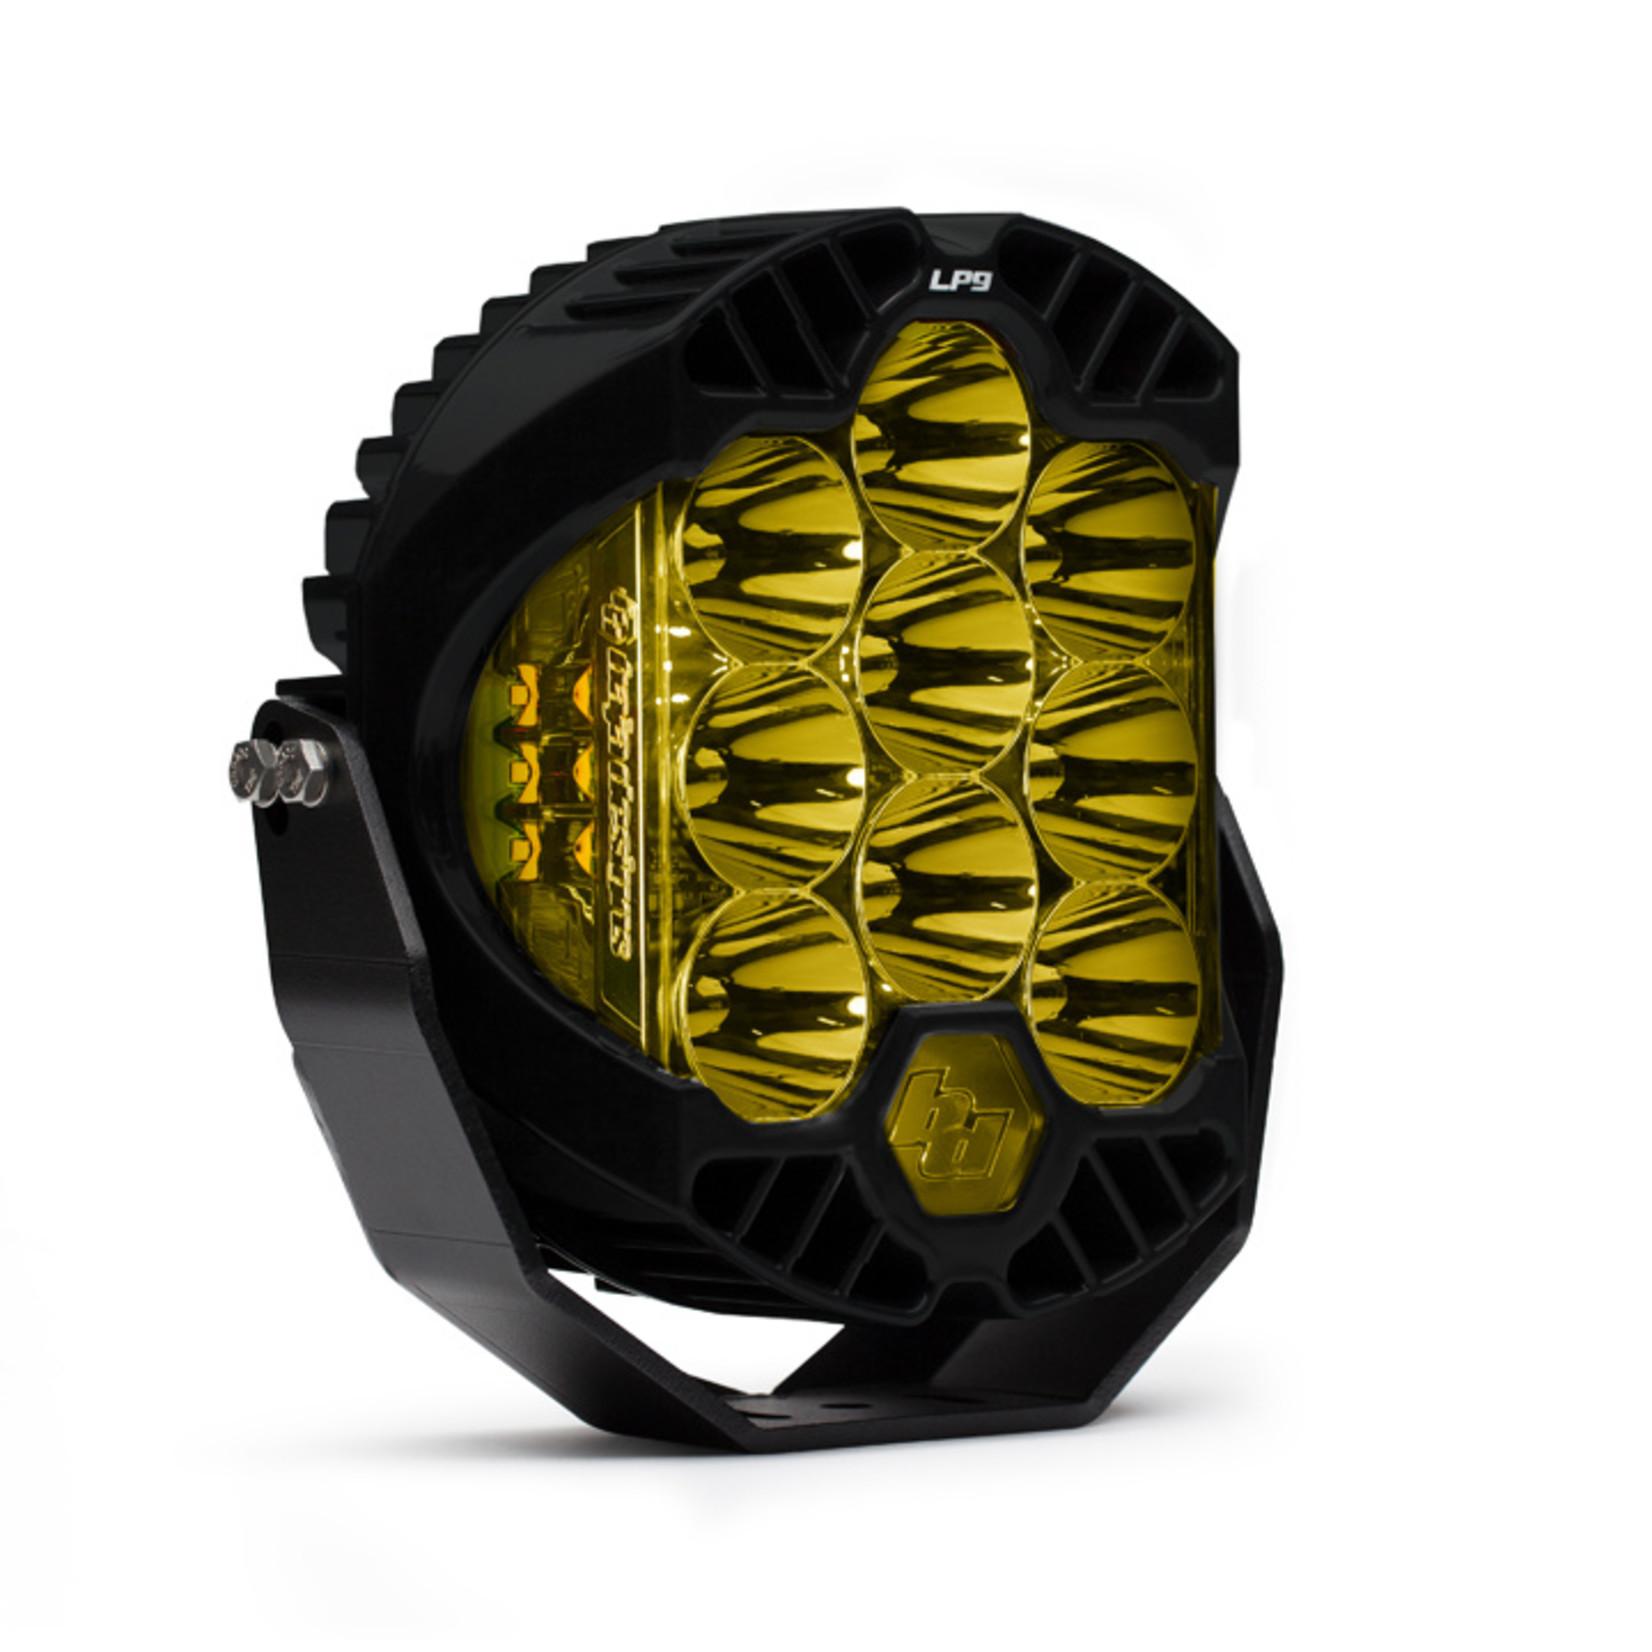 Baja Design LP9 Sport LED Lights